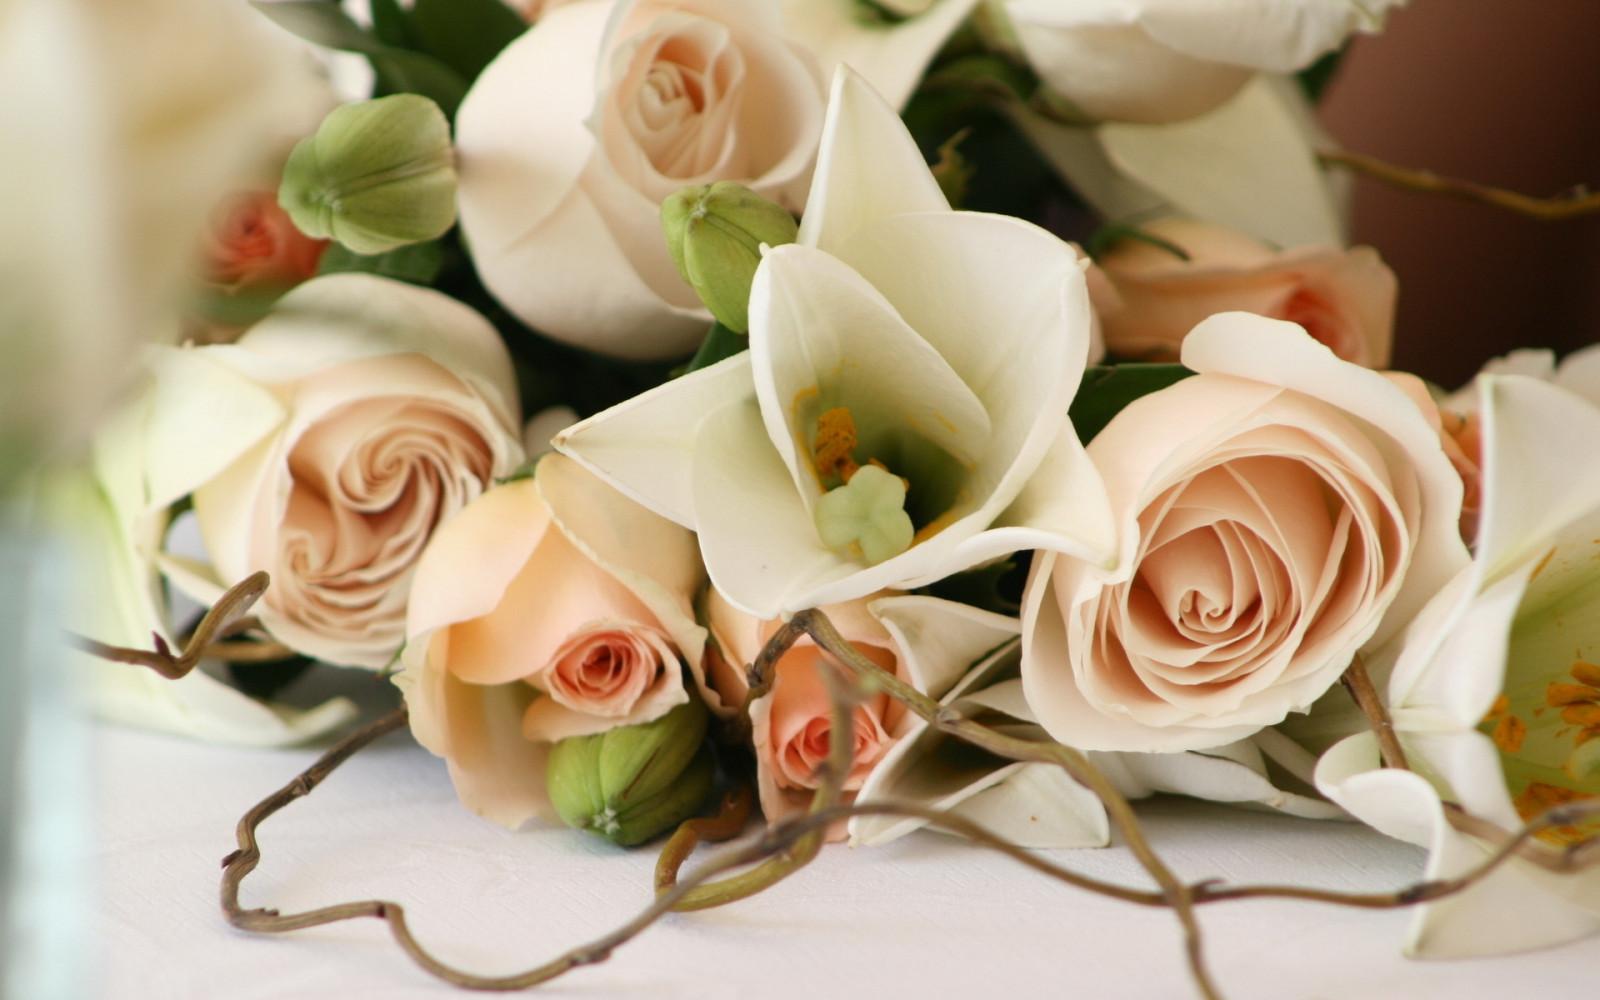 Afskårne Roser baggrunde : afdeling, rose, lyserød, romantik, blomst, flora, ømhed